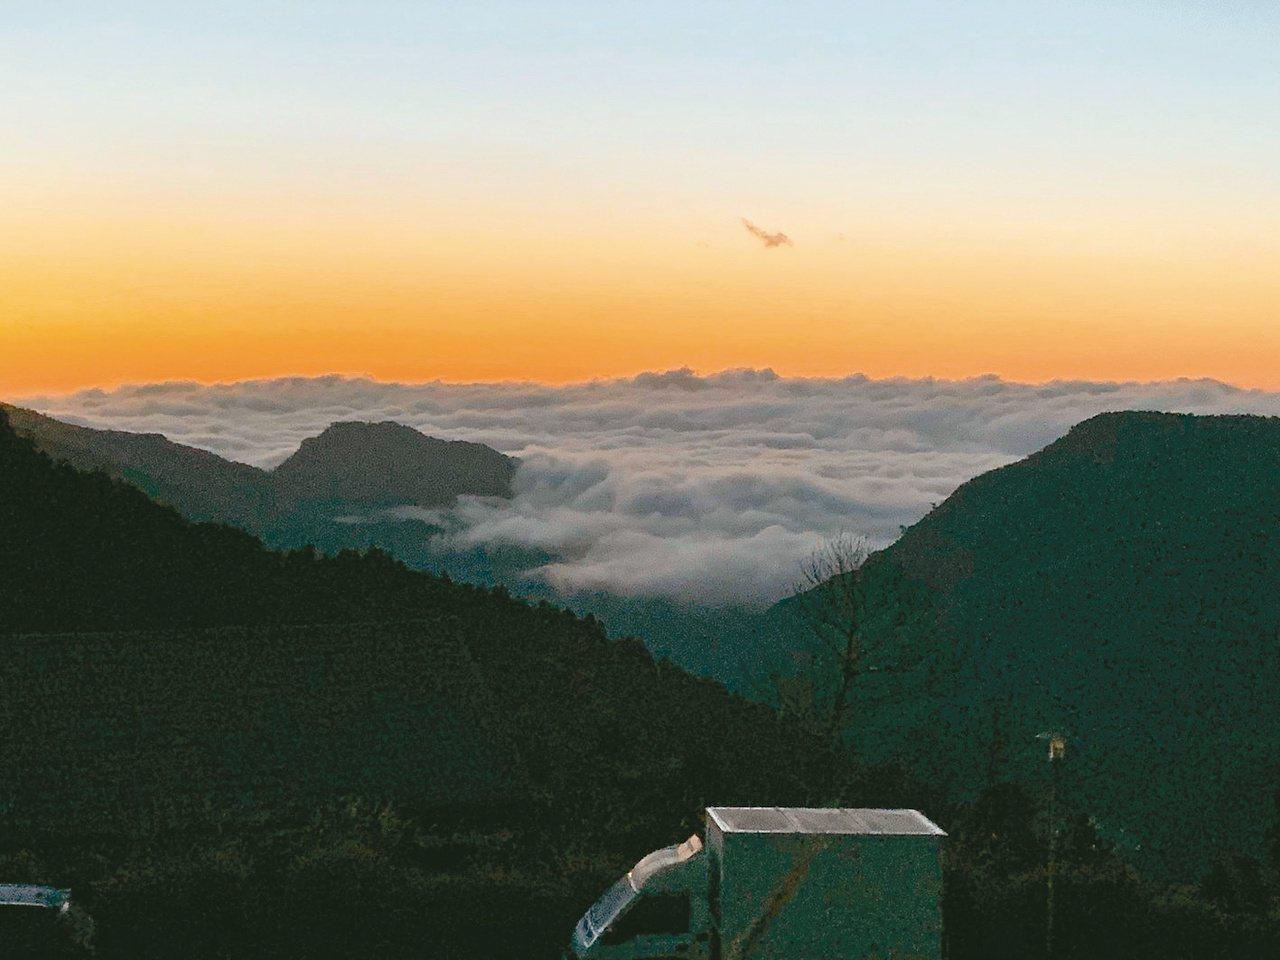 太平山莊景觀平台可看日出雲海 圖/羅東林管處提供